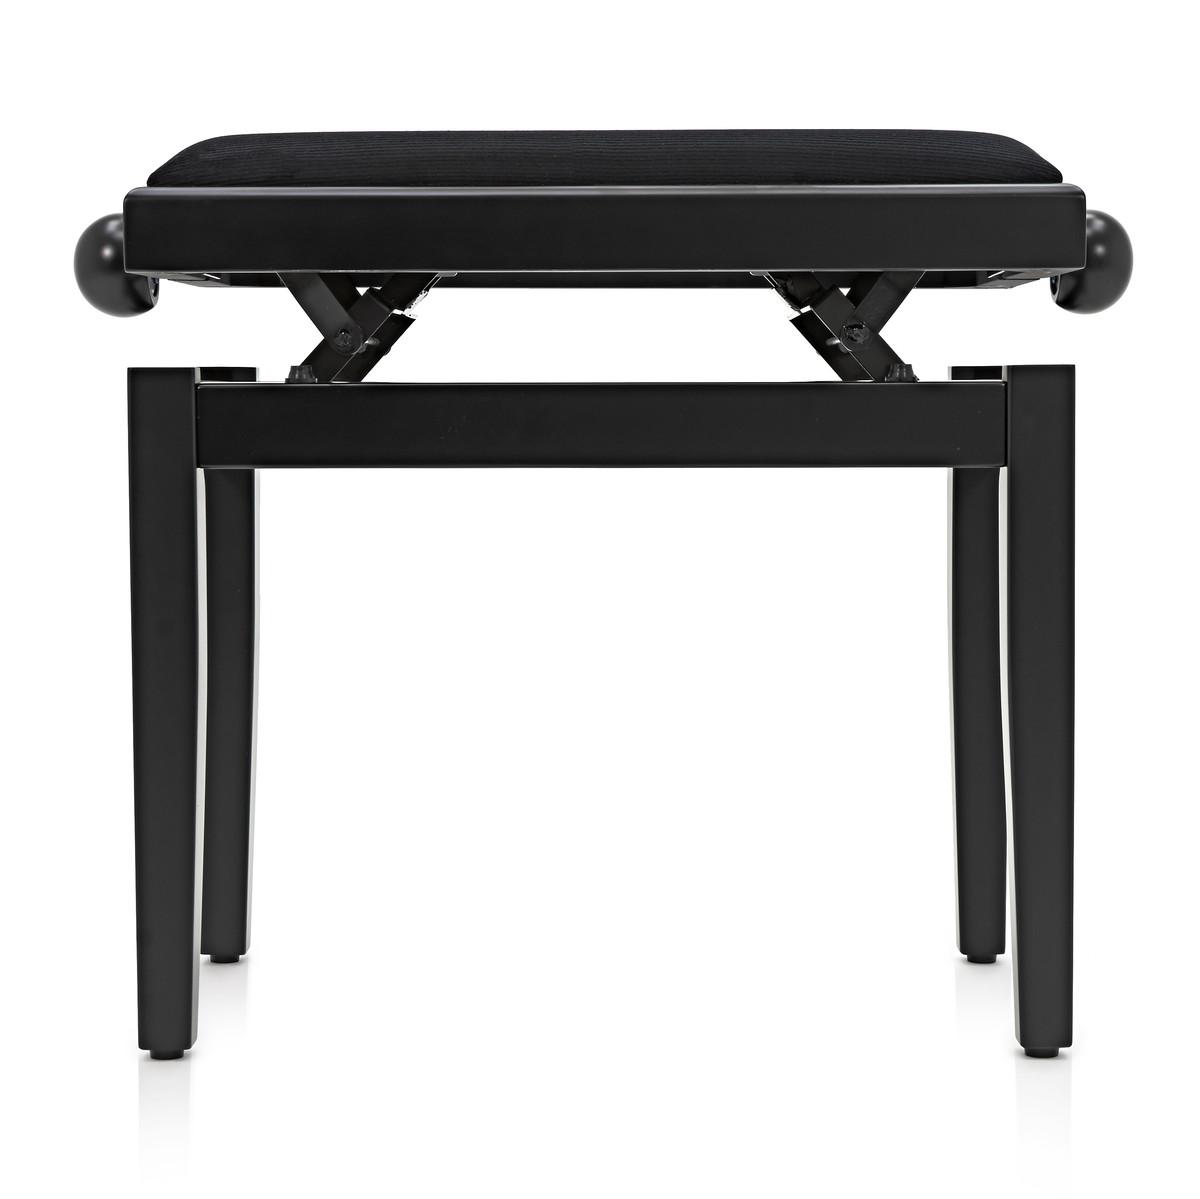 tabouret de piano r glable par gear4music noir mat b stock gear4music. Black Bedroom Furniture Sets. Home Design Ideas